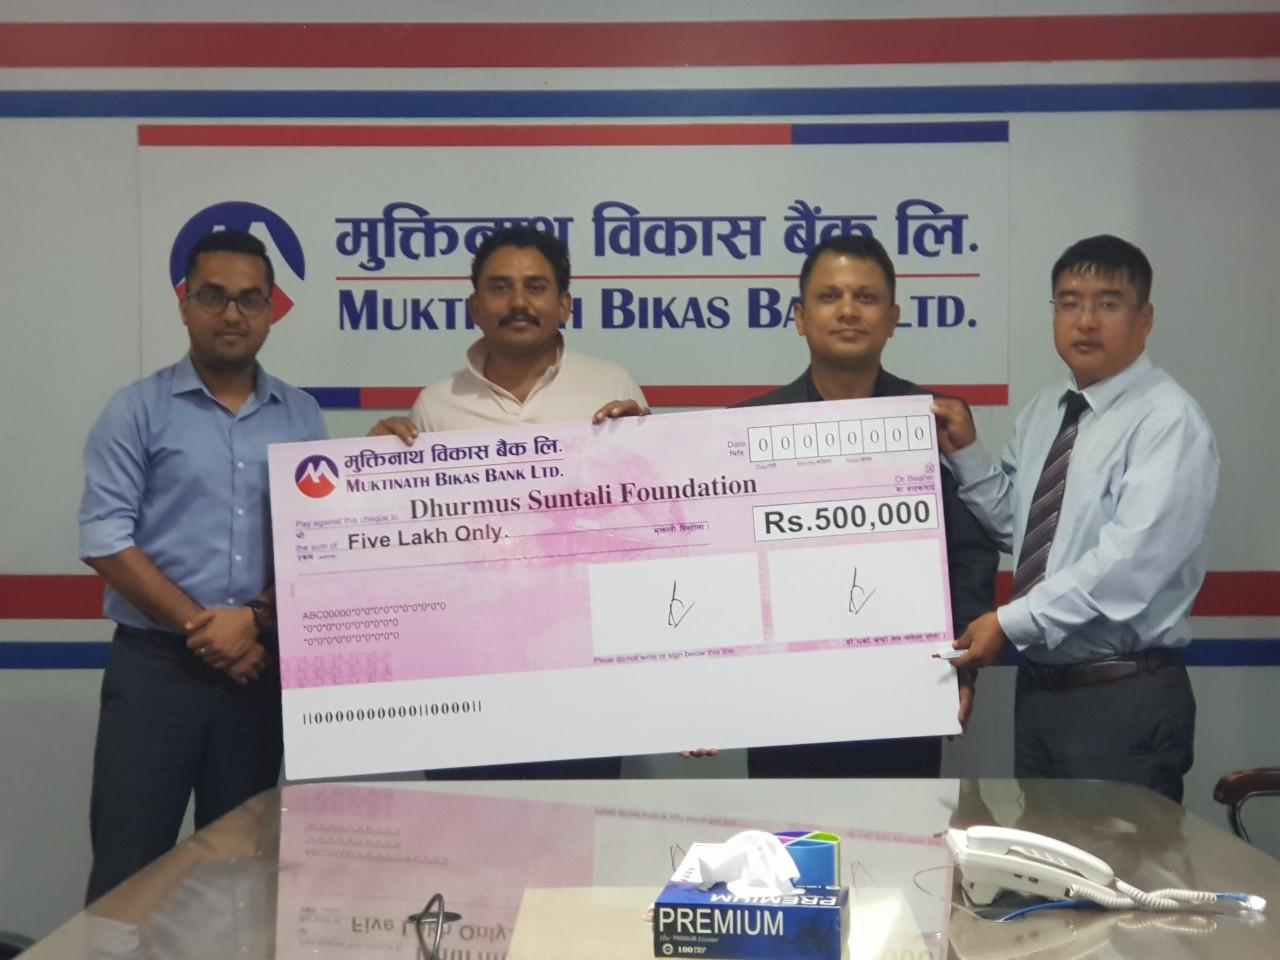 धुर्मुस सुन्तली फाउण्डेसनलाई मुक्तिनाथ विकास बैंकको ५ लाख सहयोग